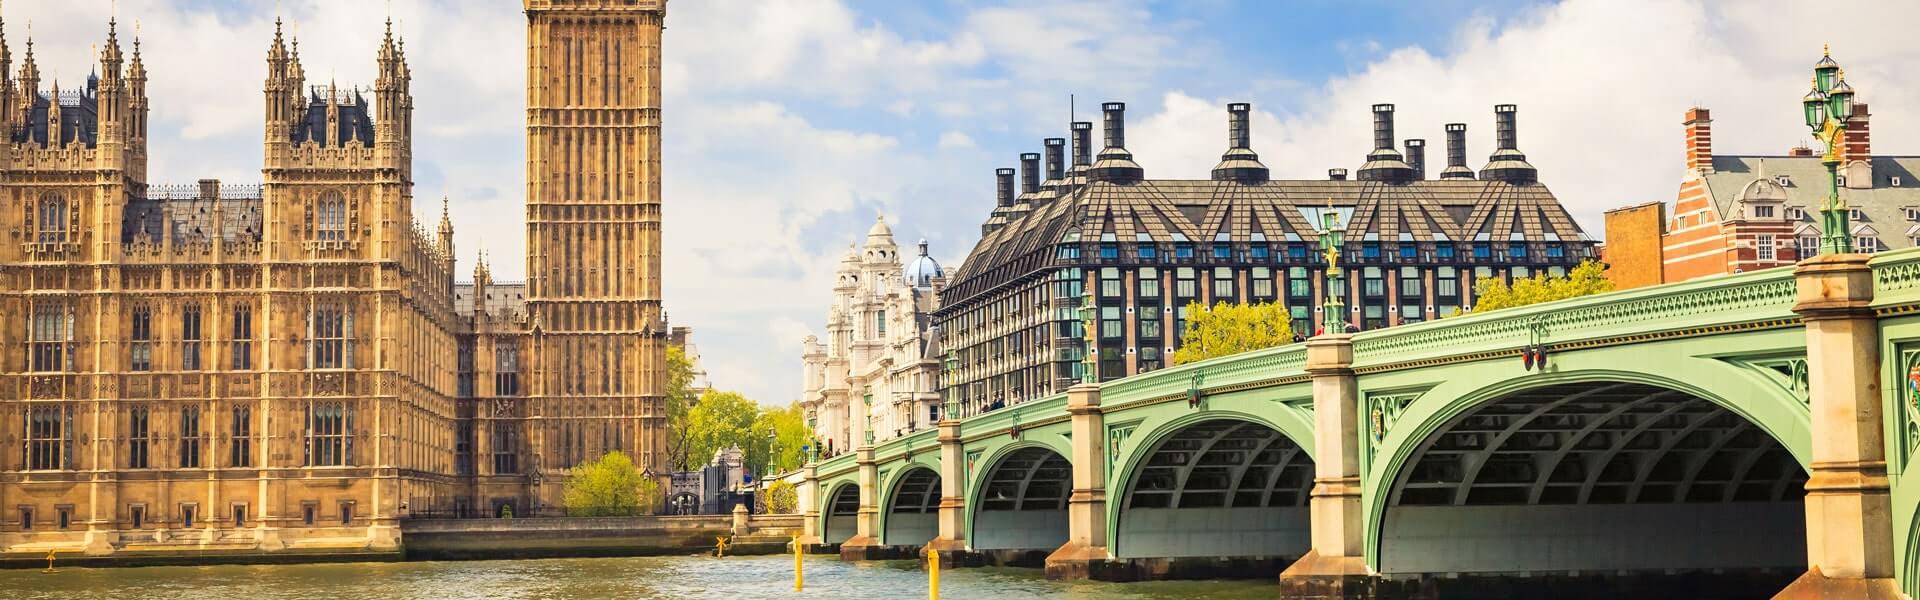 Eine Firmenfahrt nach London führt Sie zu Sehenswürdigkeiten wie dem britischen Paralament und dem Big Ben